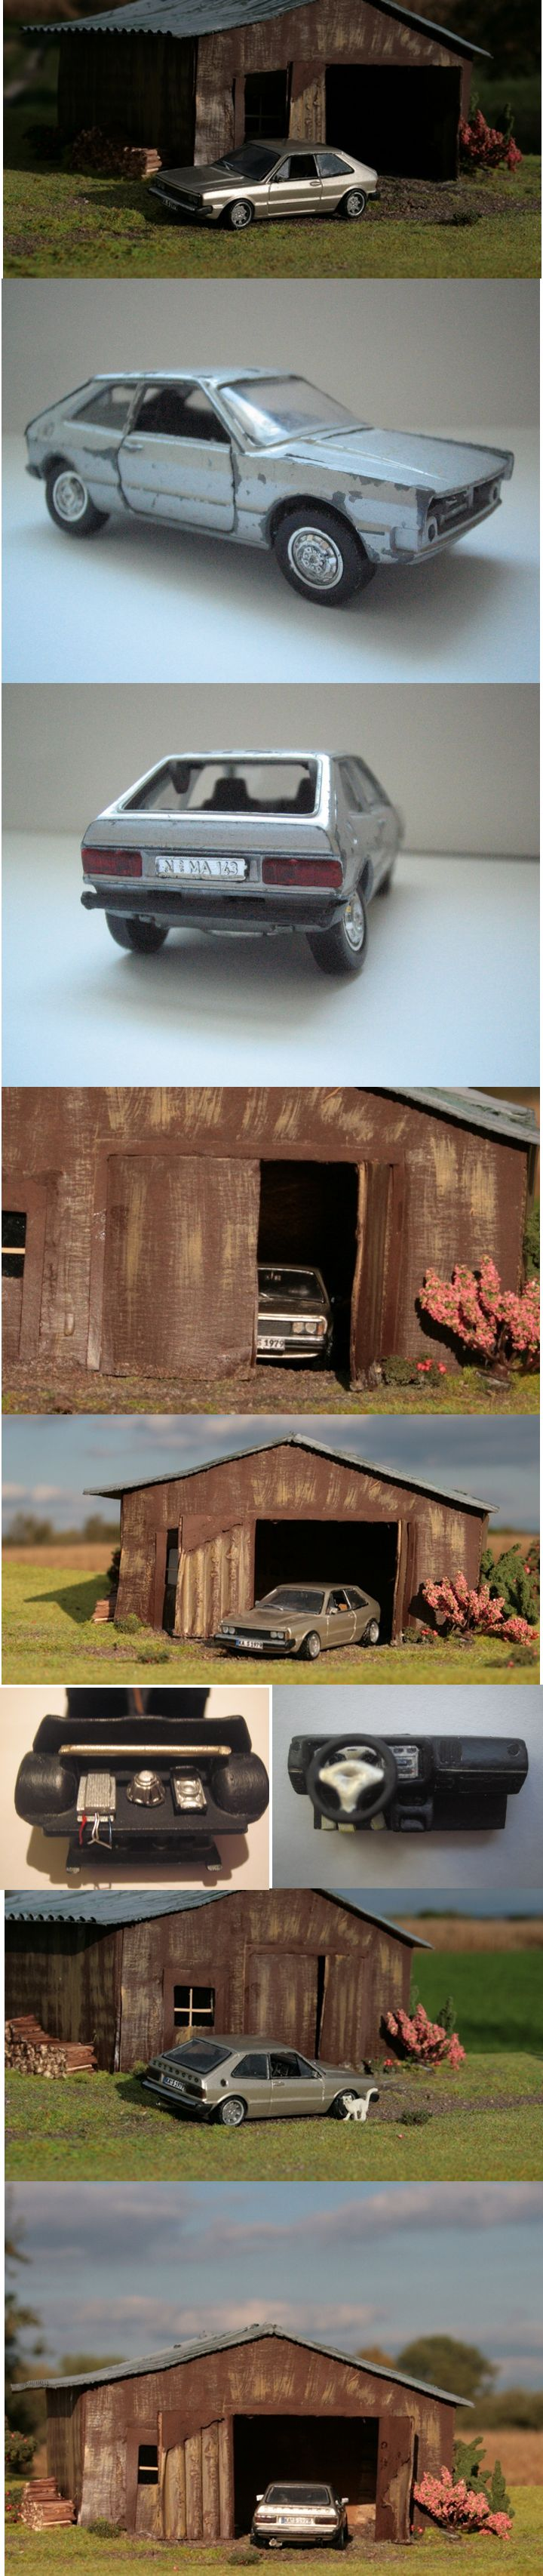 VW Scirocco MK1 1:43/ Original: Schuco (80er Jahre)/ Umbau: komplett Restauration, Lack, Decals, Innenraum inklusive selbstgebauten Armaturenbrett, Spiegel, Wischer, Auspuff, Felgen, Selbstgebauter Front mit Grill und Scheinwerfer, Selbstgebauten Stoßfängern...